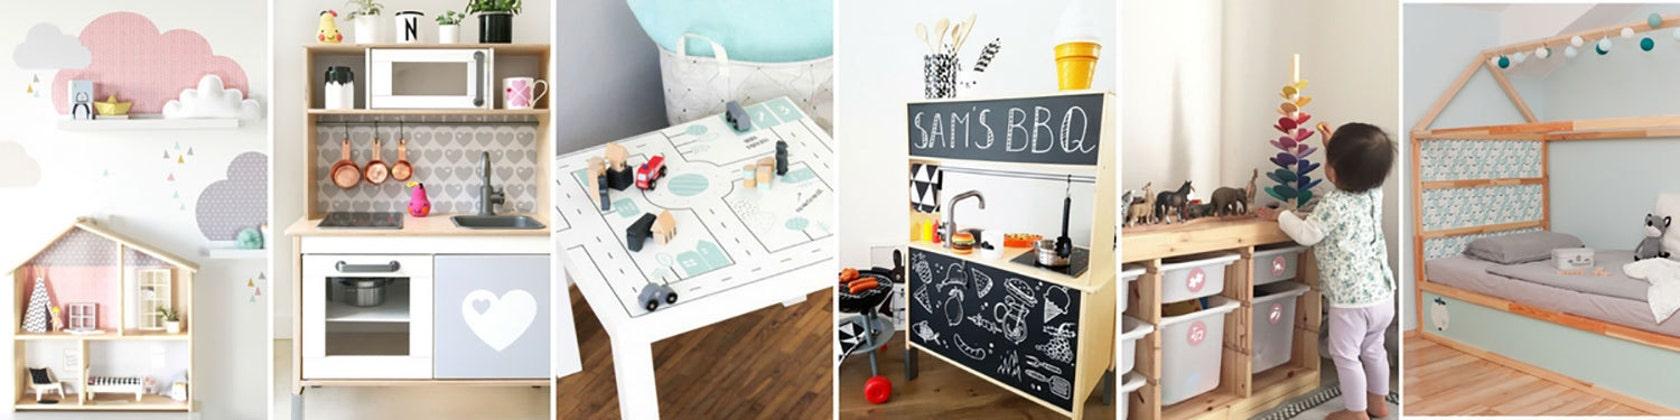 Mach mehr aus deinen IKEA Möbeln für Kinder von Limmaland auf Etsy